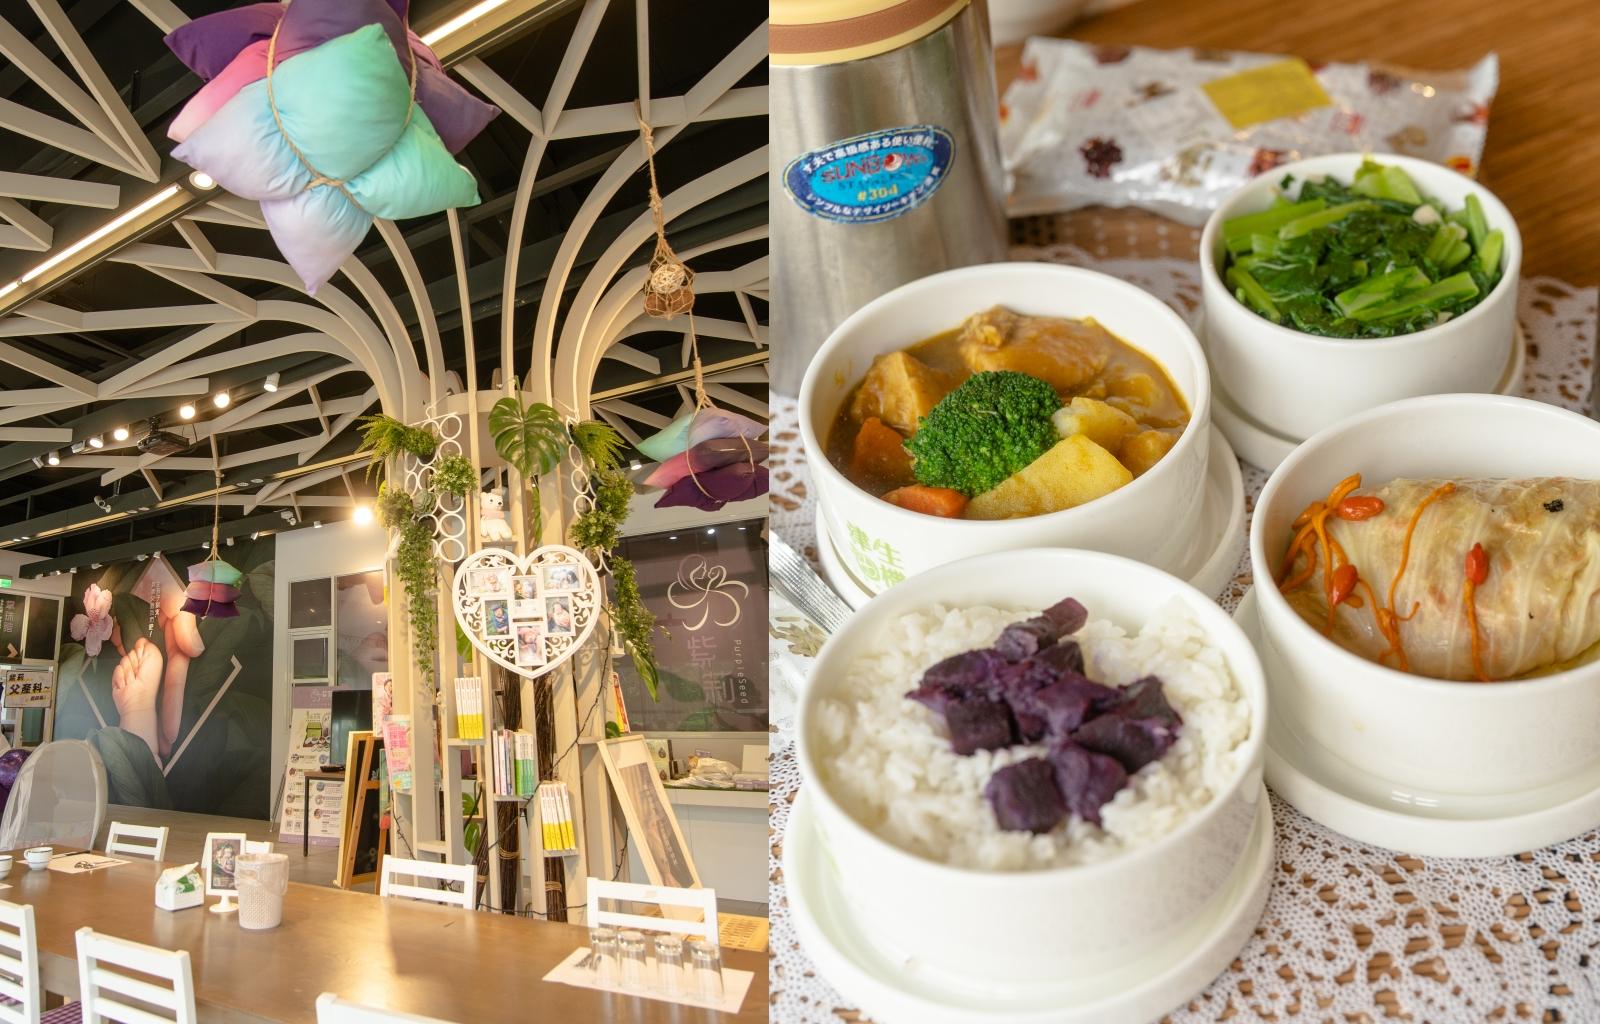 桃園月子餐推薦|紫莉幸孕莊園全方位孕護管家~津田頂級創意養生料理月子餐